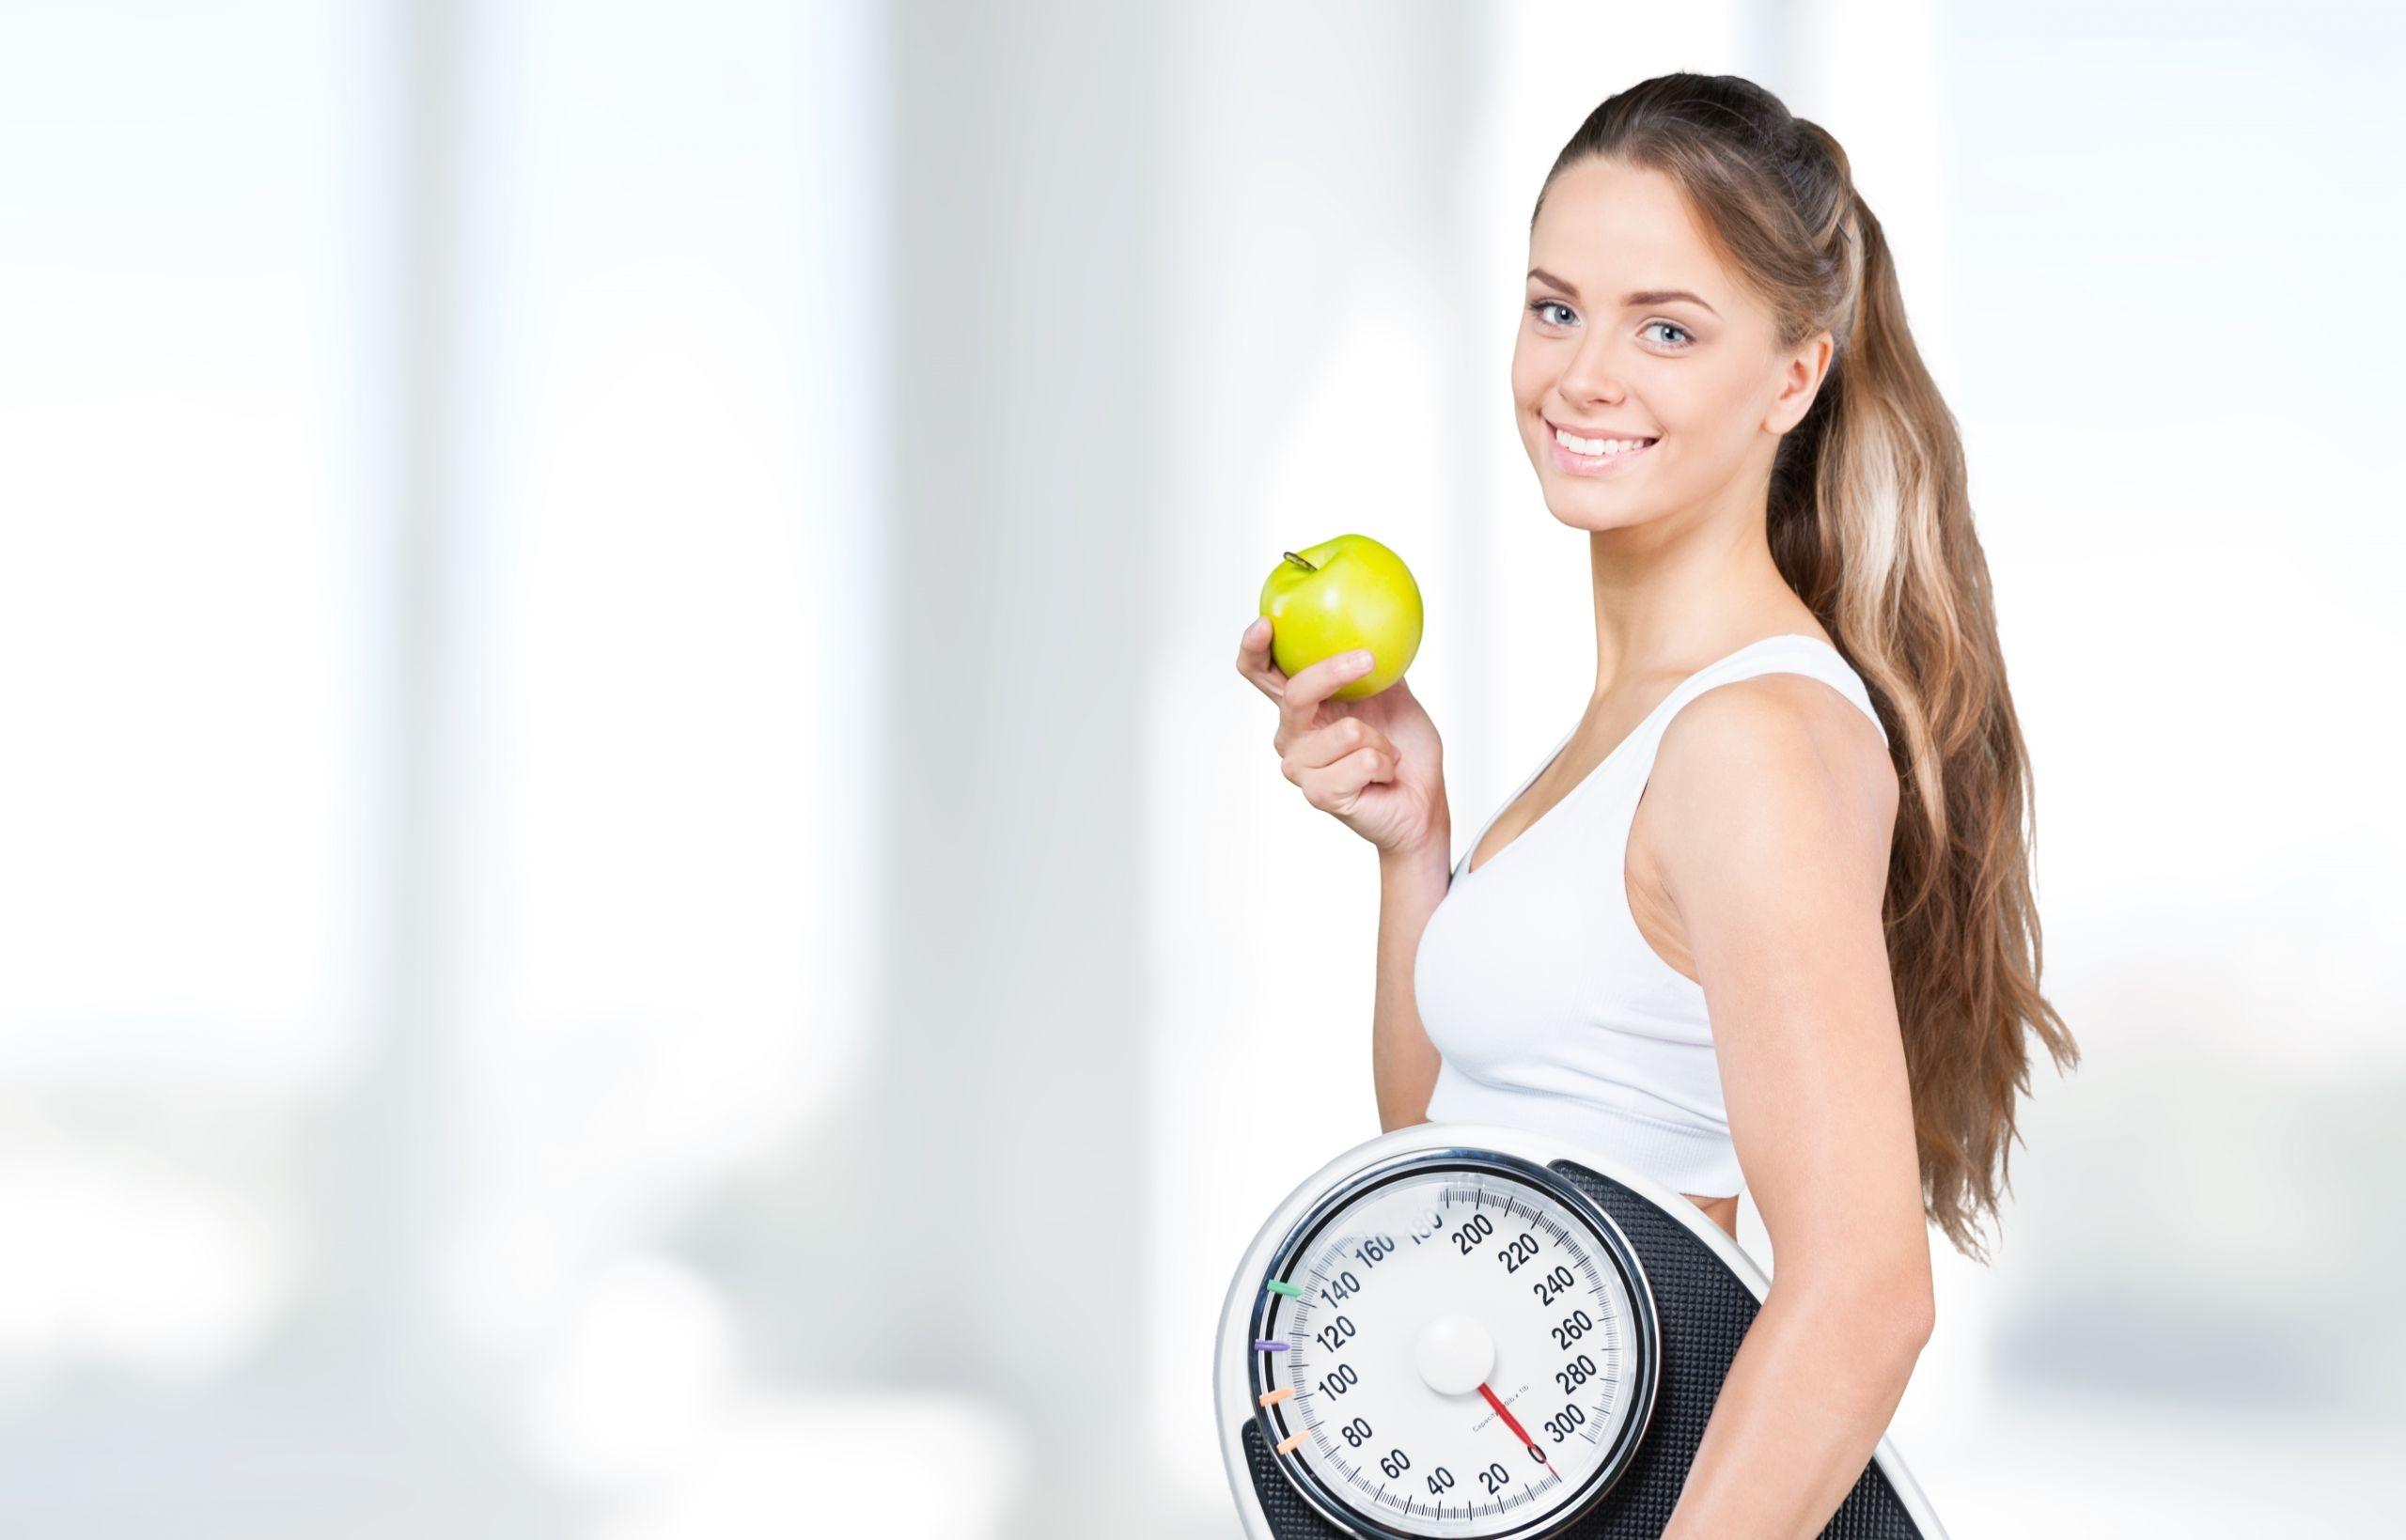 Πώς να διώξω τα κιλά της καραντίνας; - Weekly News